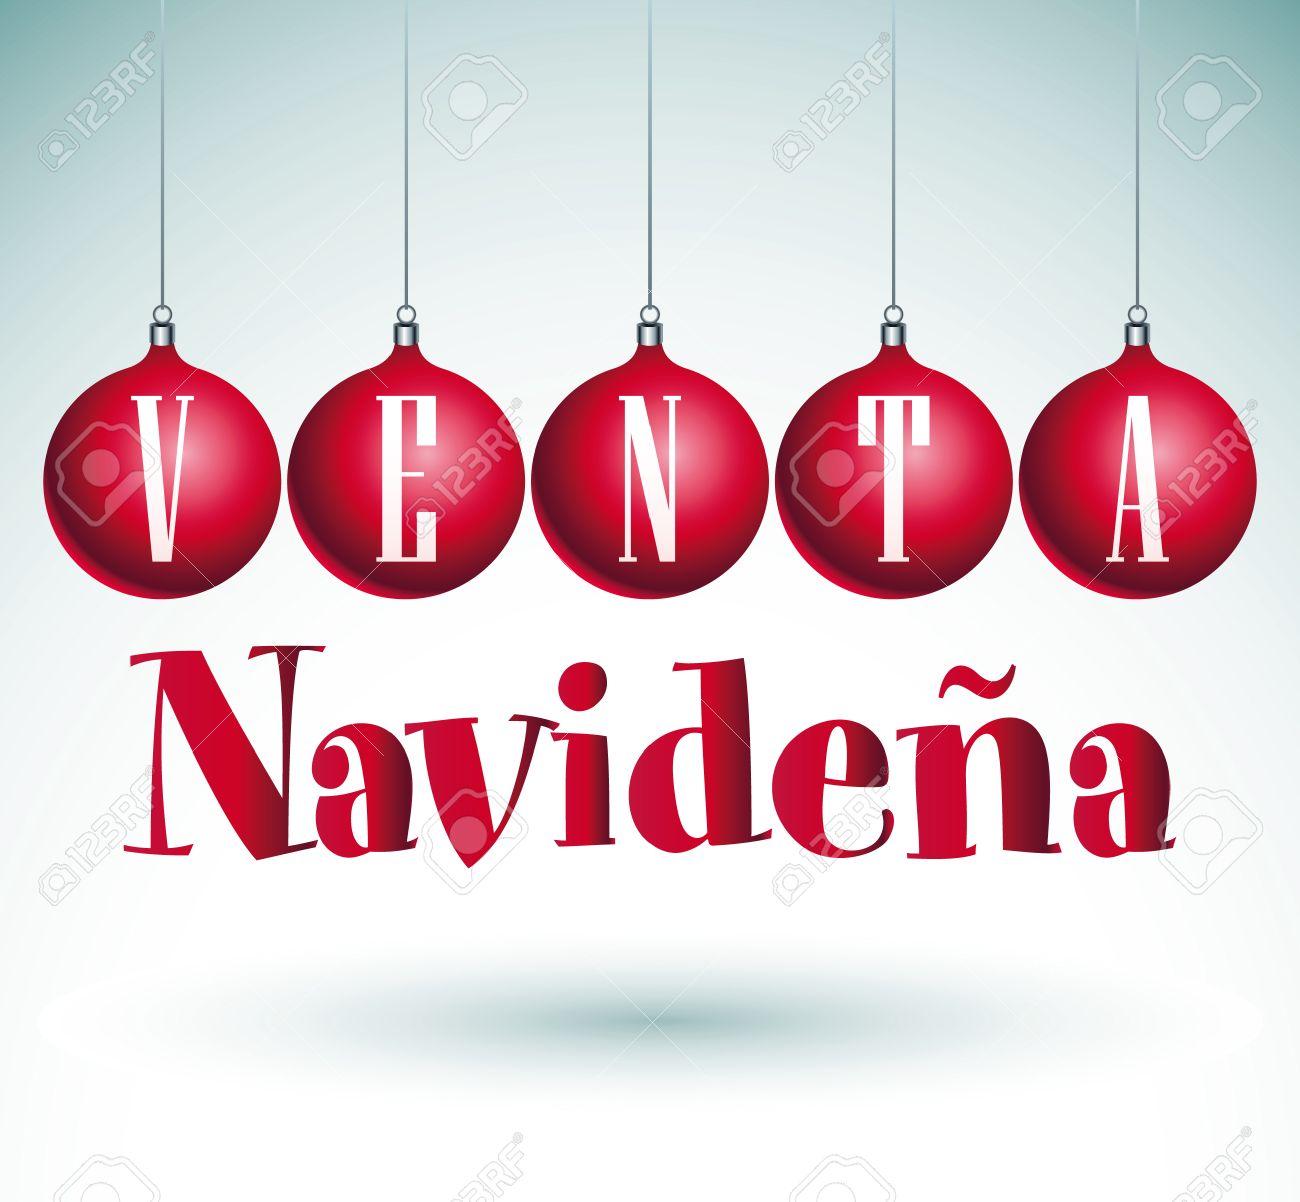 Venta Navideña Weihnachten Verkauf Spanischer Text Vektor